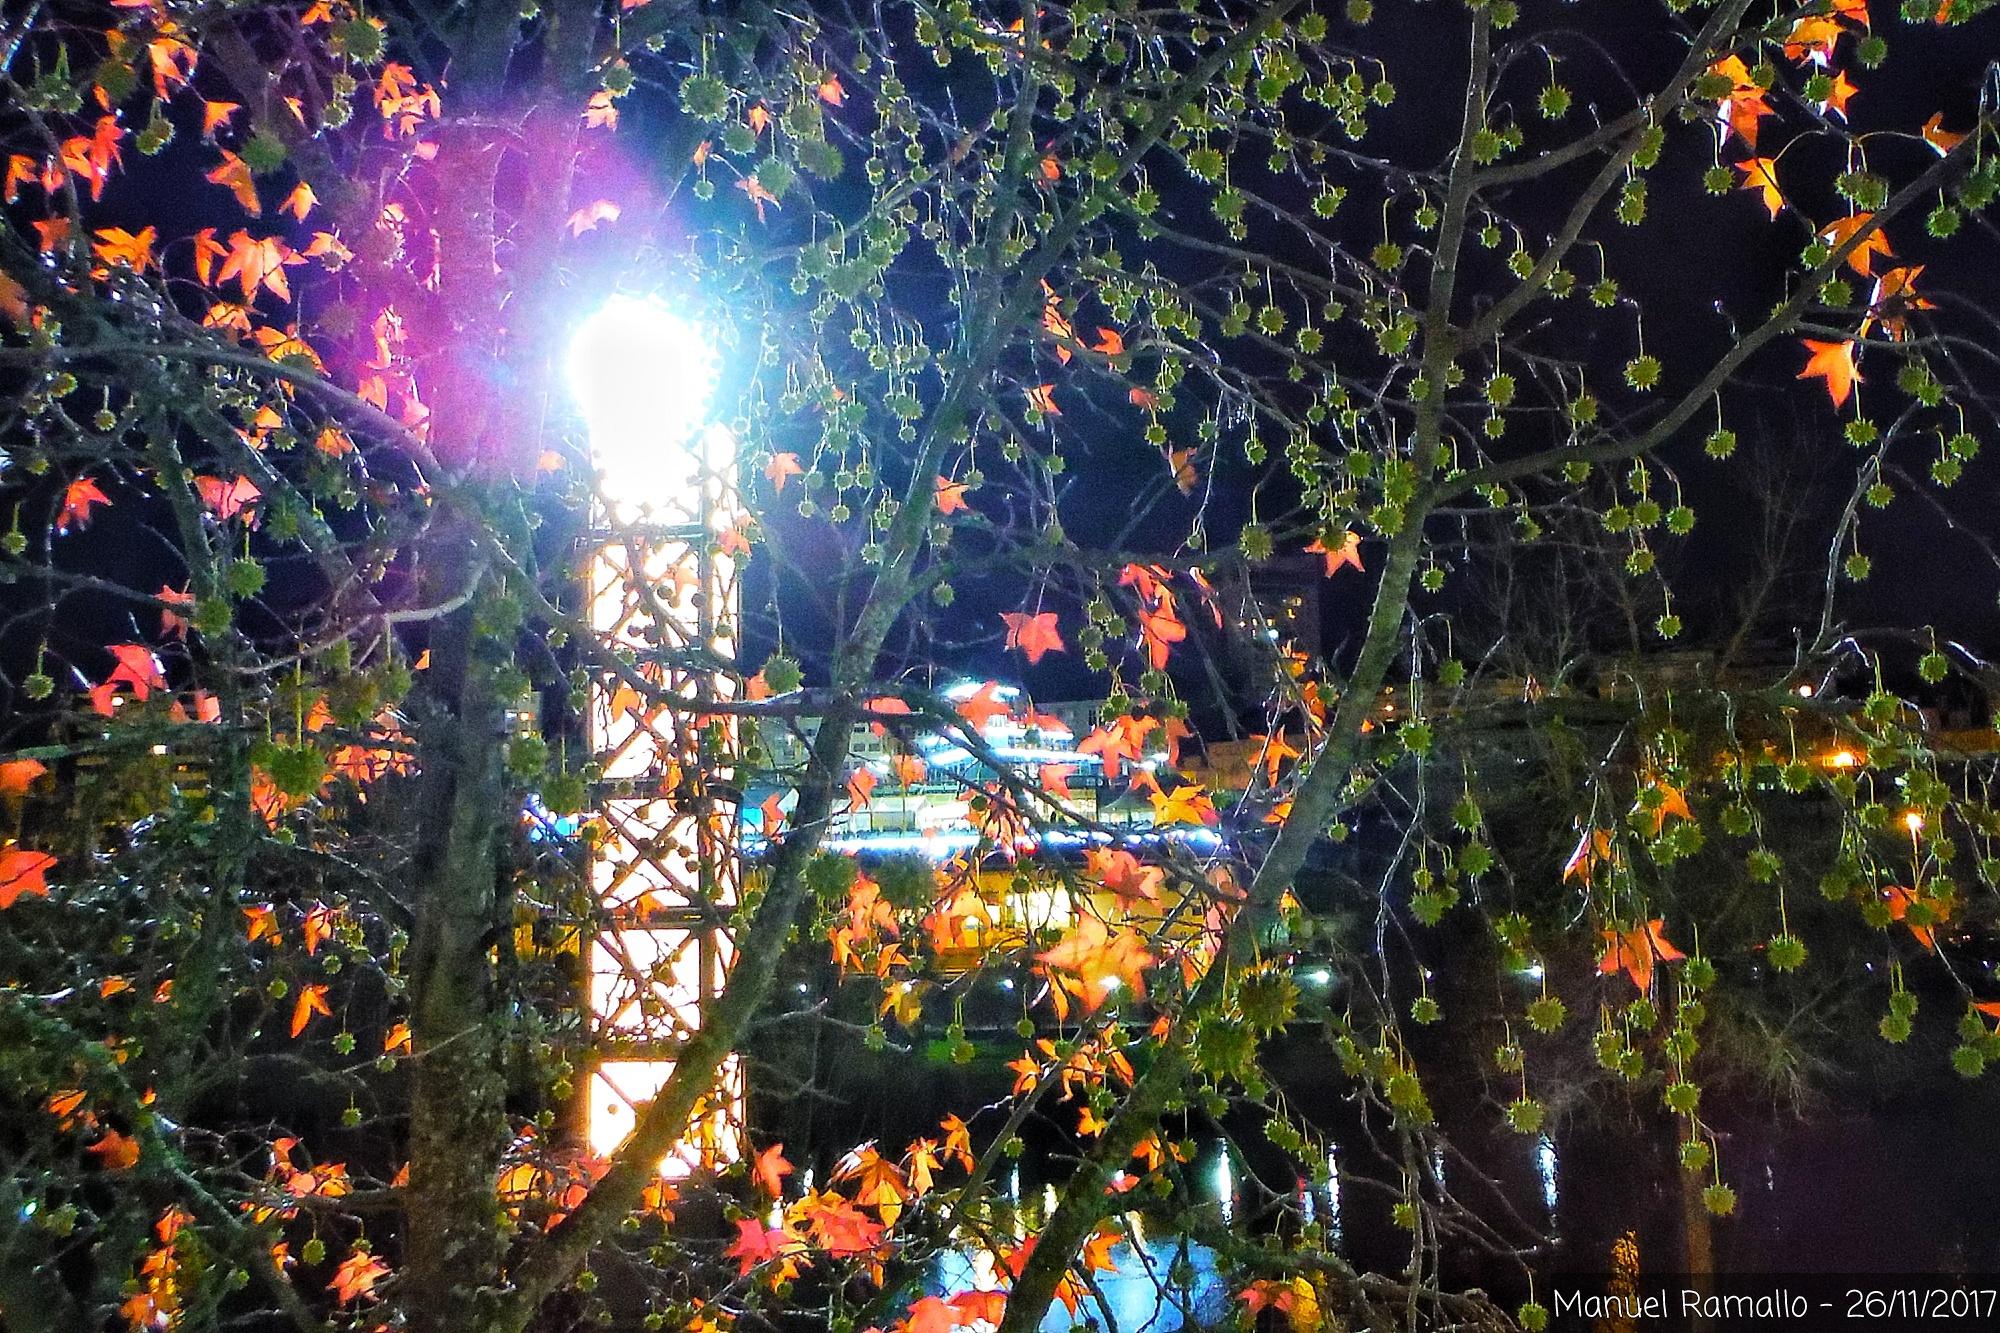 parque-noche-otono-hojas-rojas